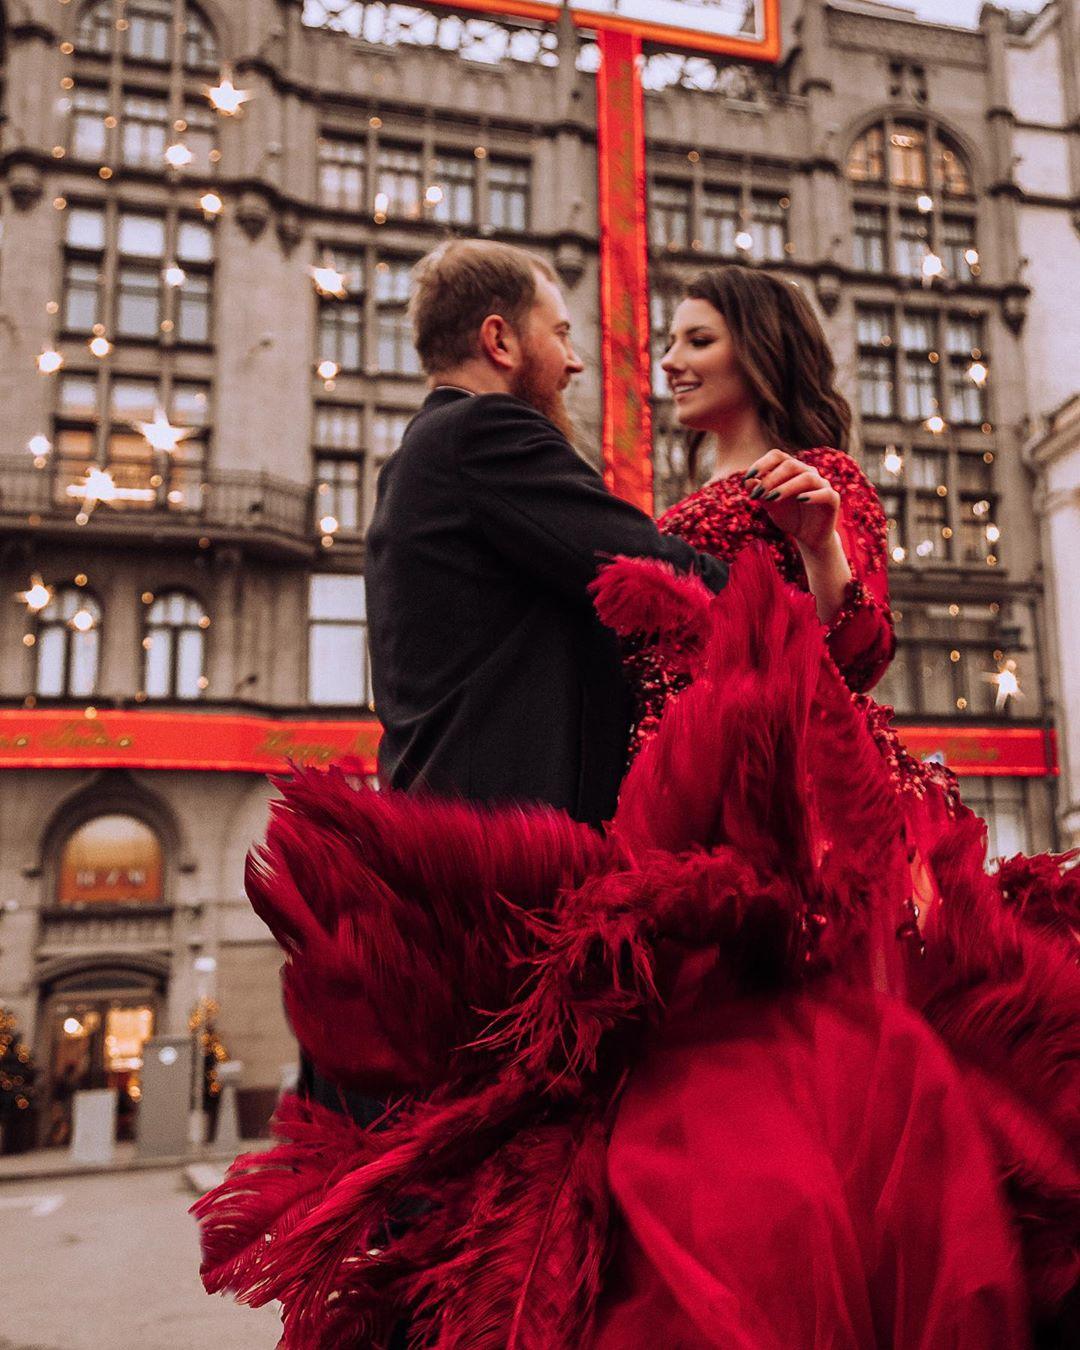 Влюбленные танцуют на фоне ЦУМа